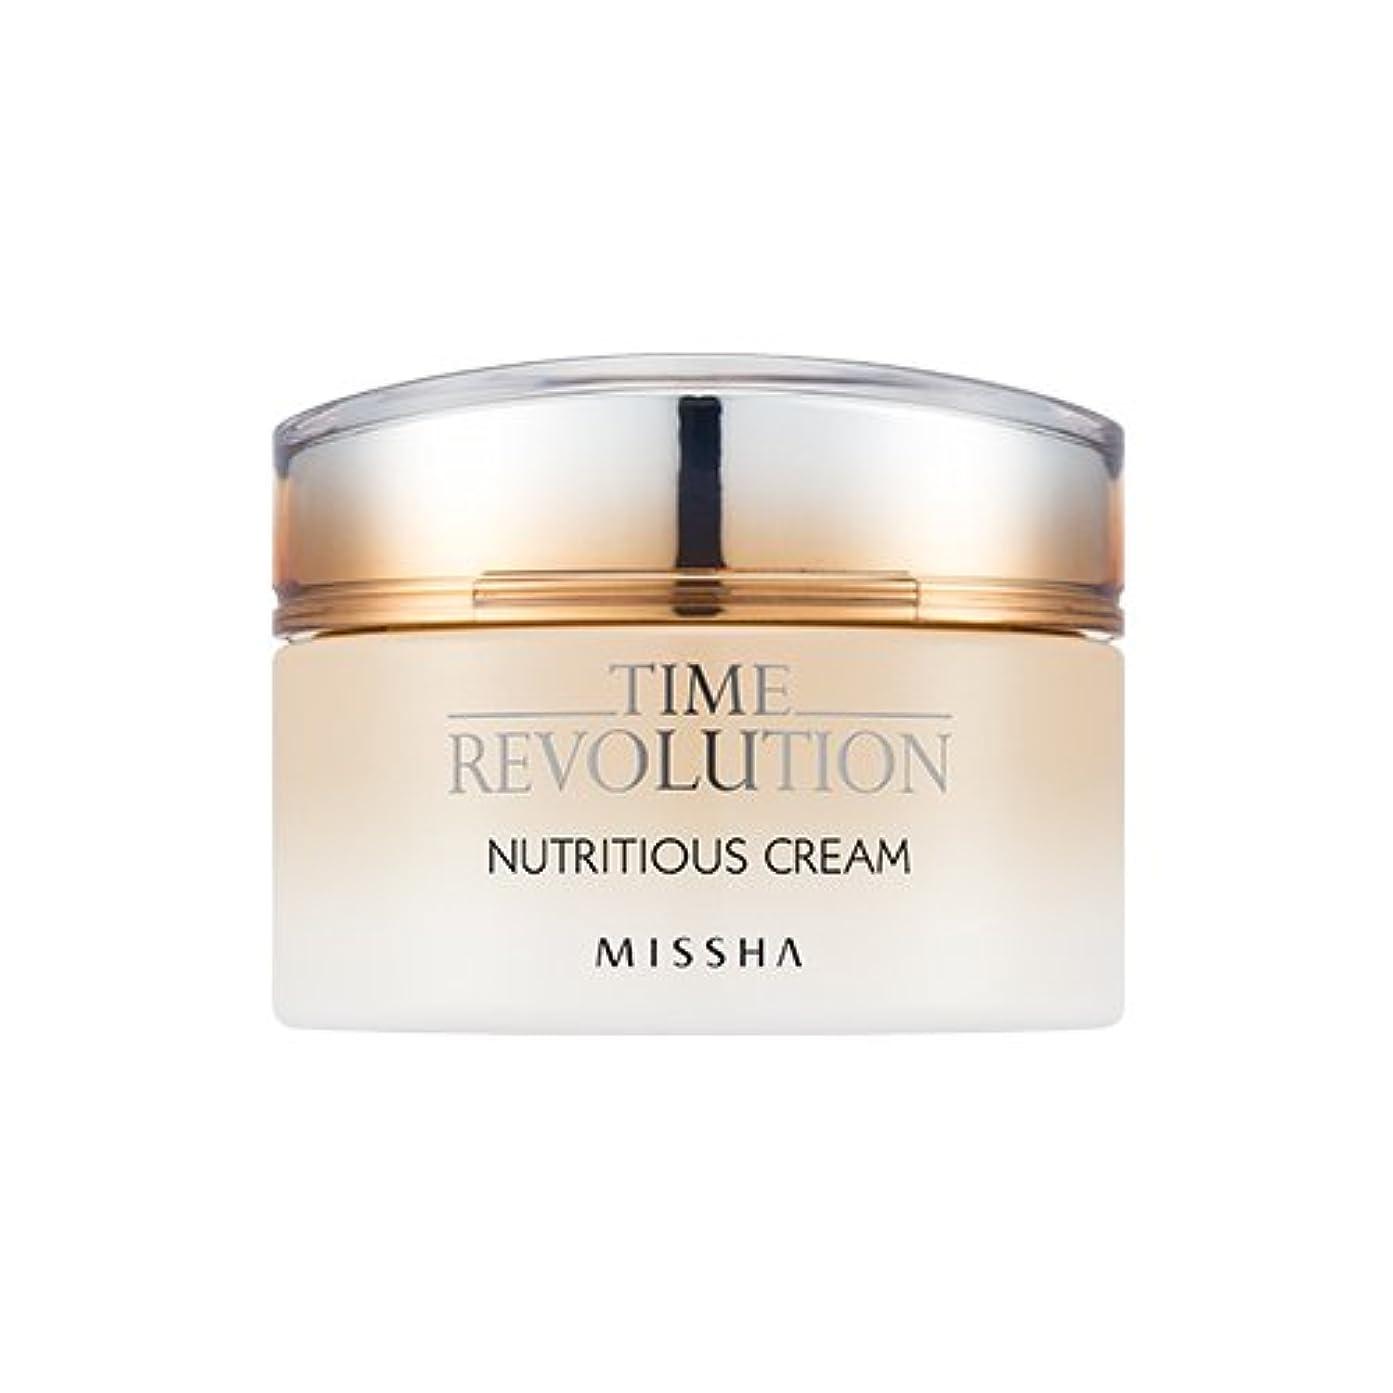 鉛筆最も早い聡明[New] MISSHA Time Revolution Nutritious Cream 50ml/ミシャ タイム レボリューション ニュートリシャス クリーム 50ml [並行輸入品]